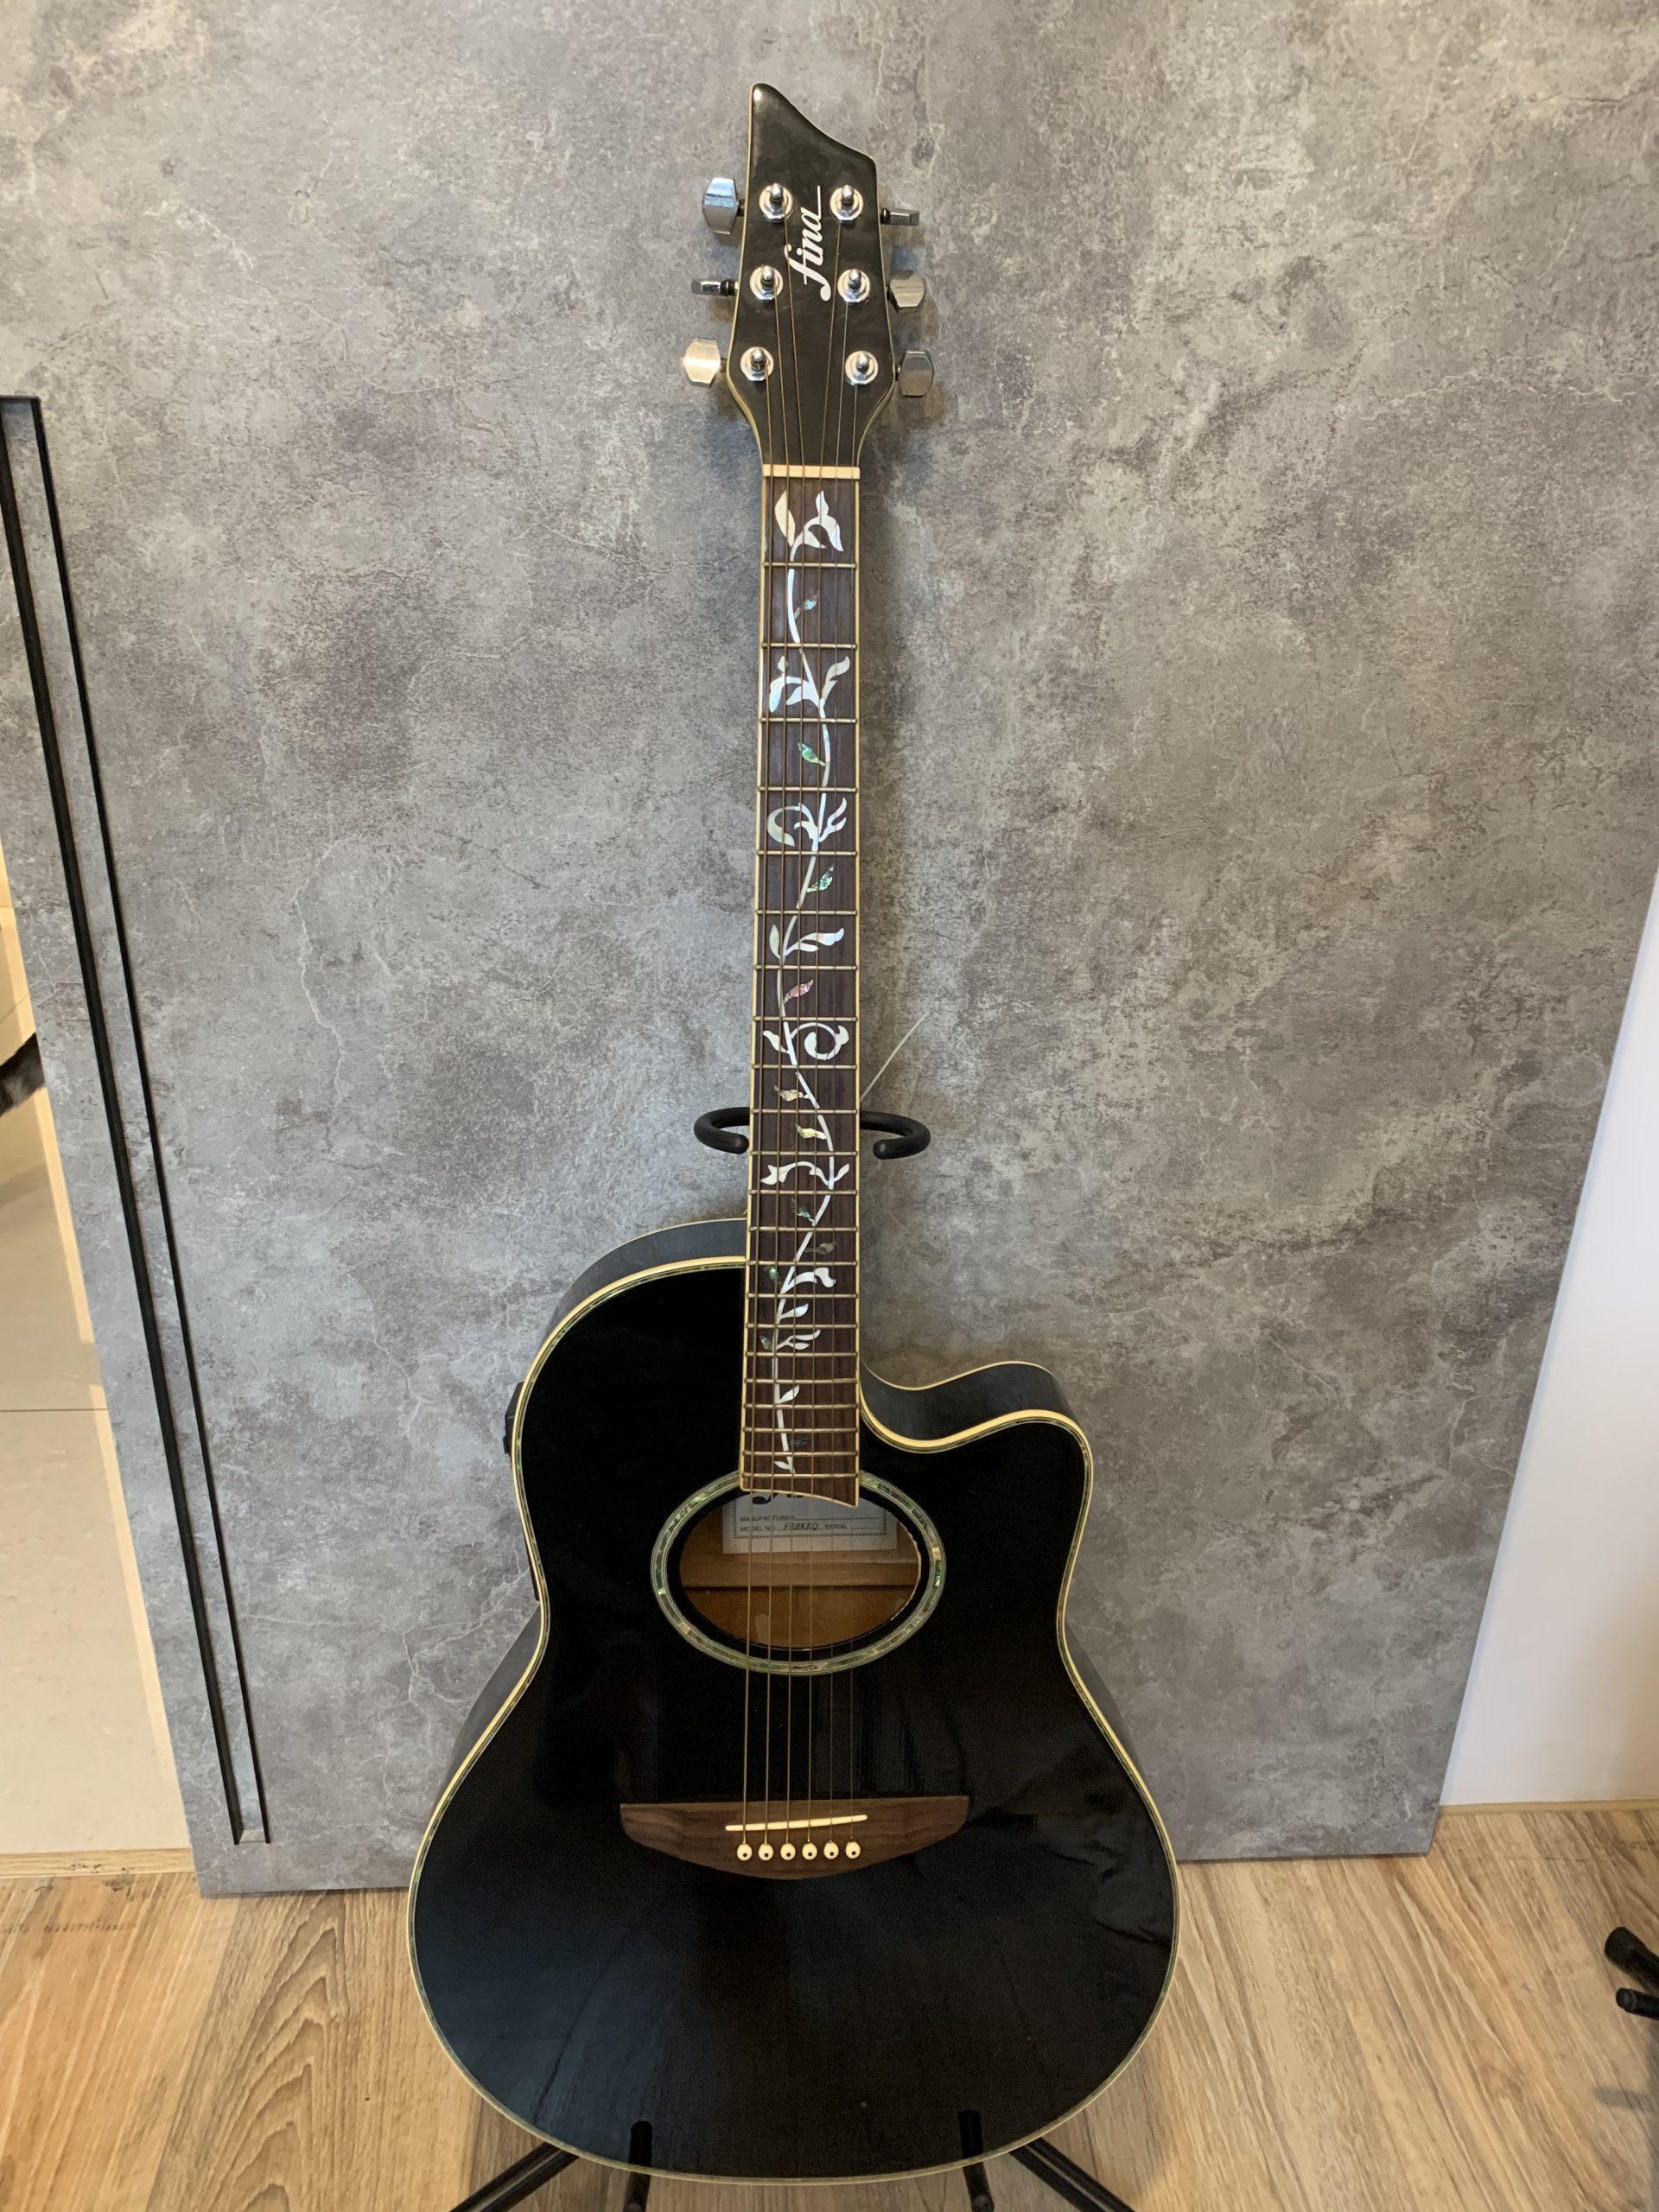 Fina 電木吉他